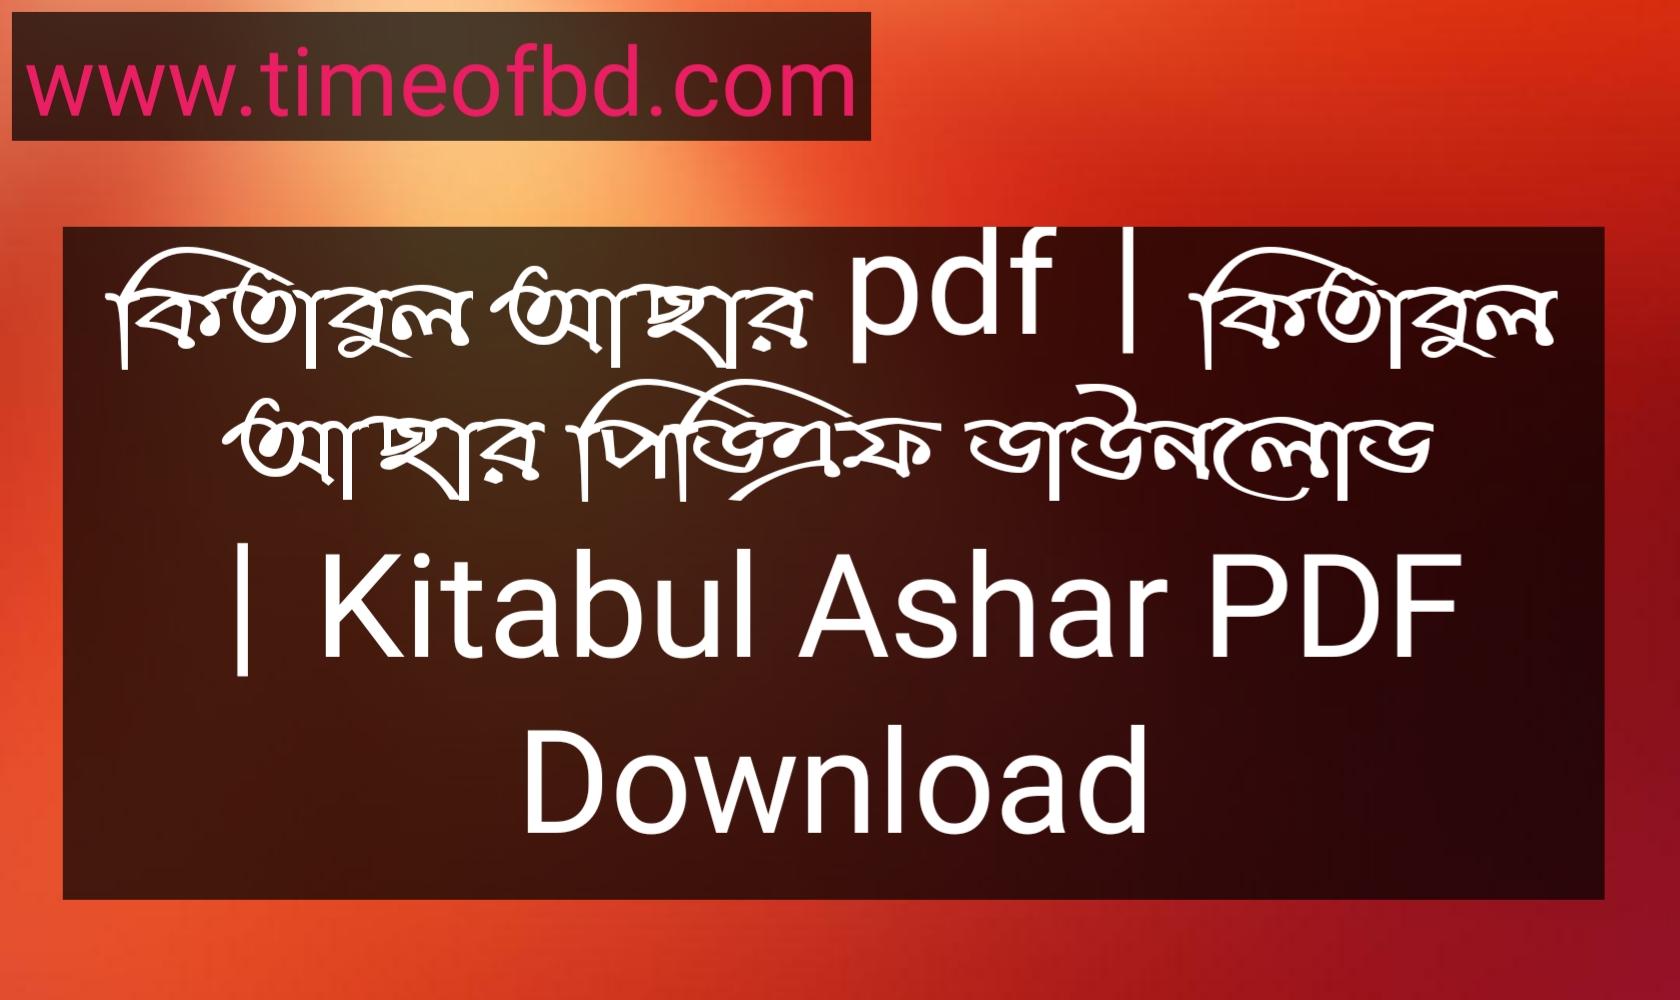 কিতাবুল আছার pdf, কিতাবুল আছার পিডিএফ ডাউনলোড, কিতাবুল আছার পিডিএফ, কিতাবুল আছার pdf download,